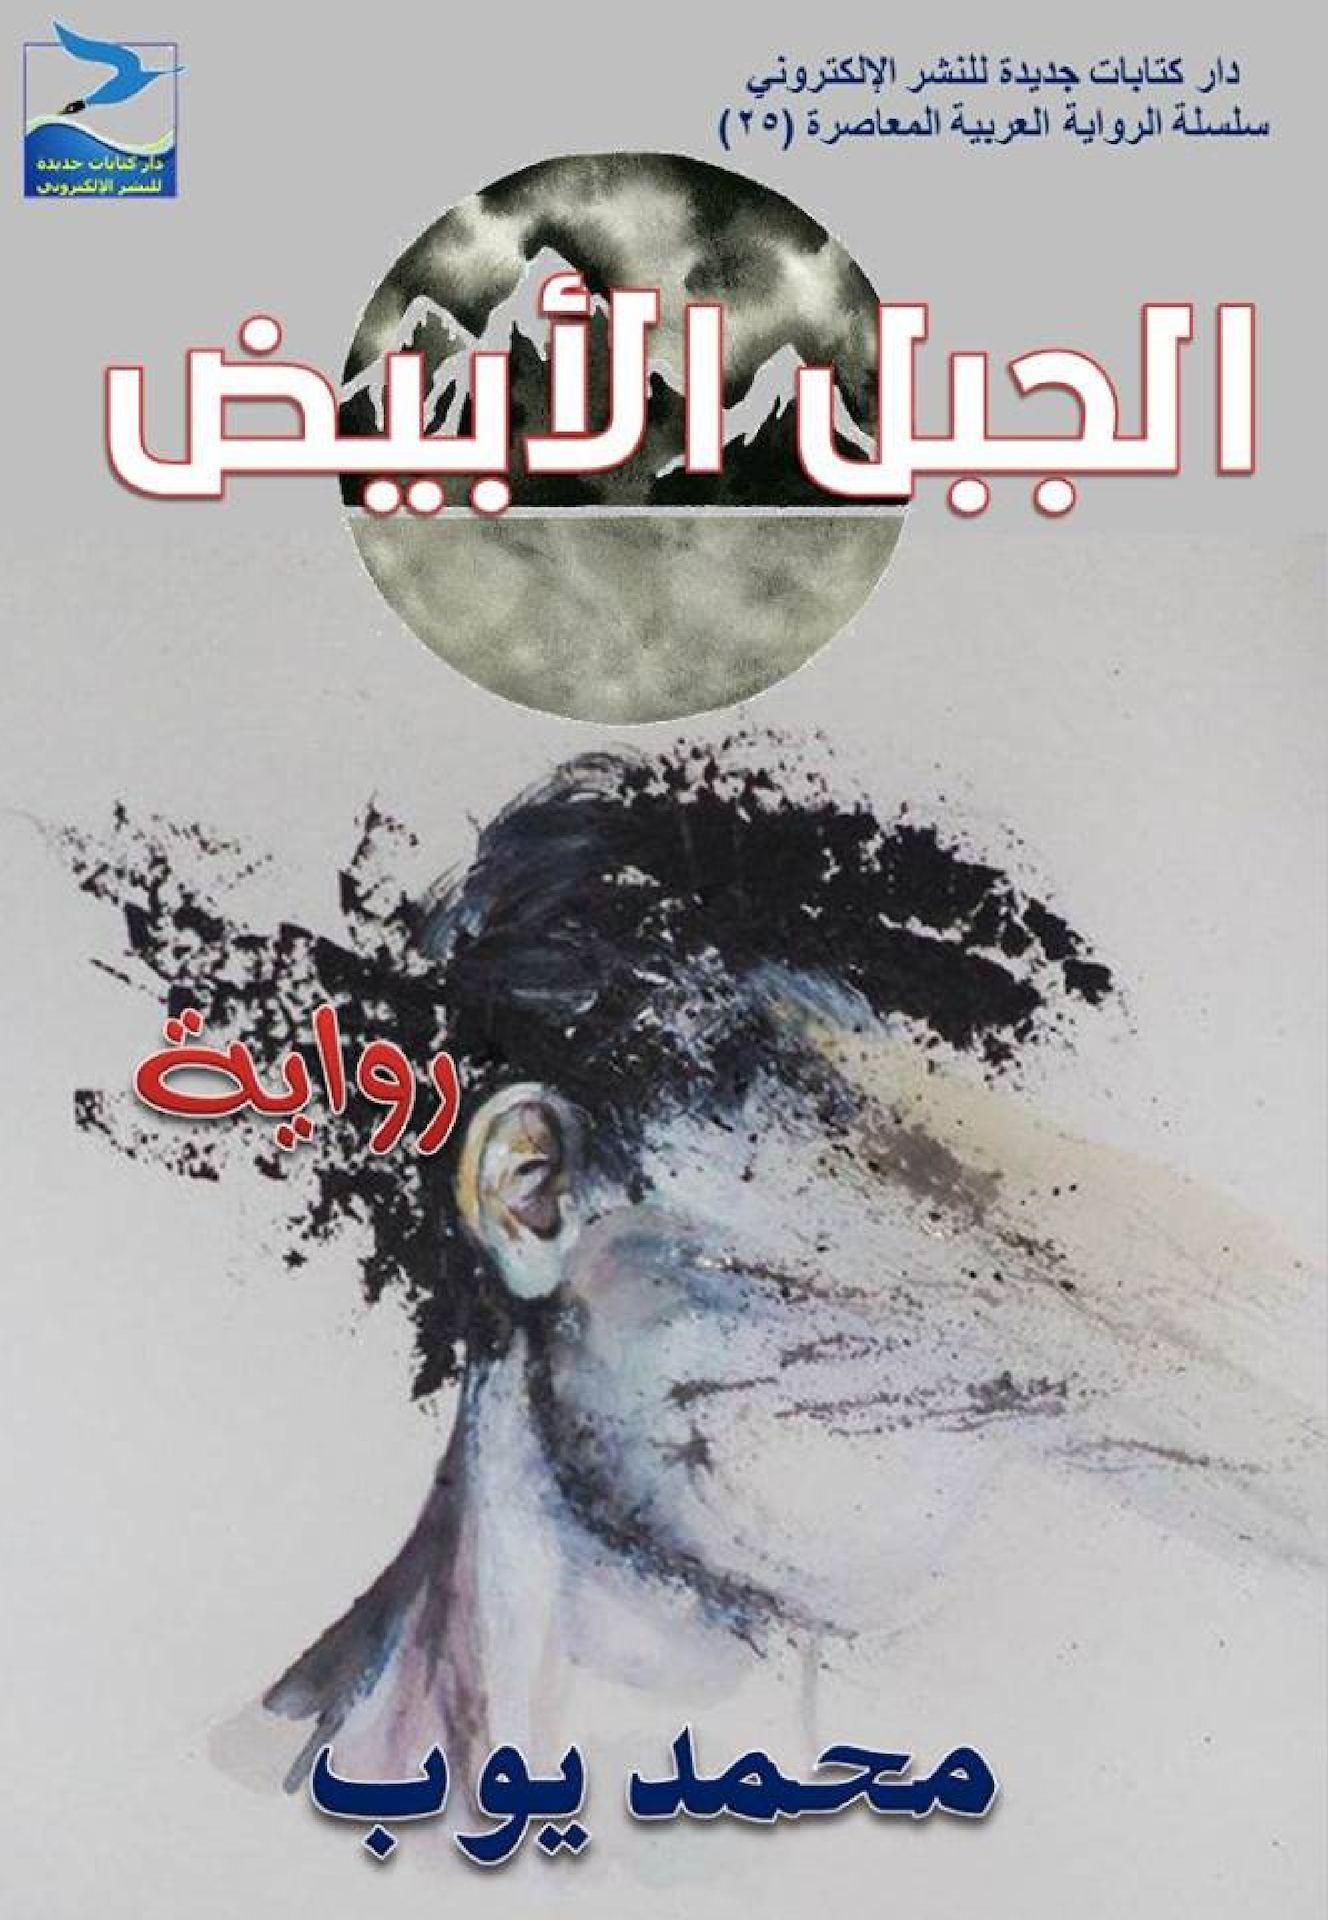 e73da0044 Calaméo - محمد يوب، الجبل الأبيض، رواية، ط1، أبريل 2016